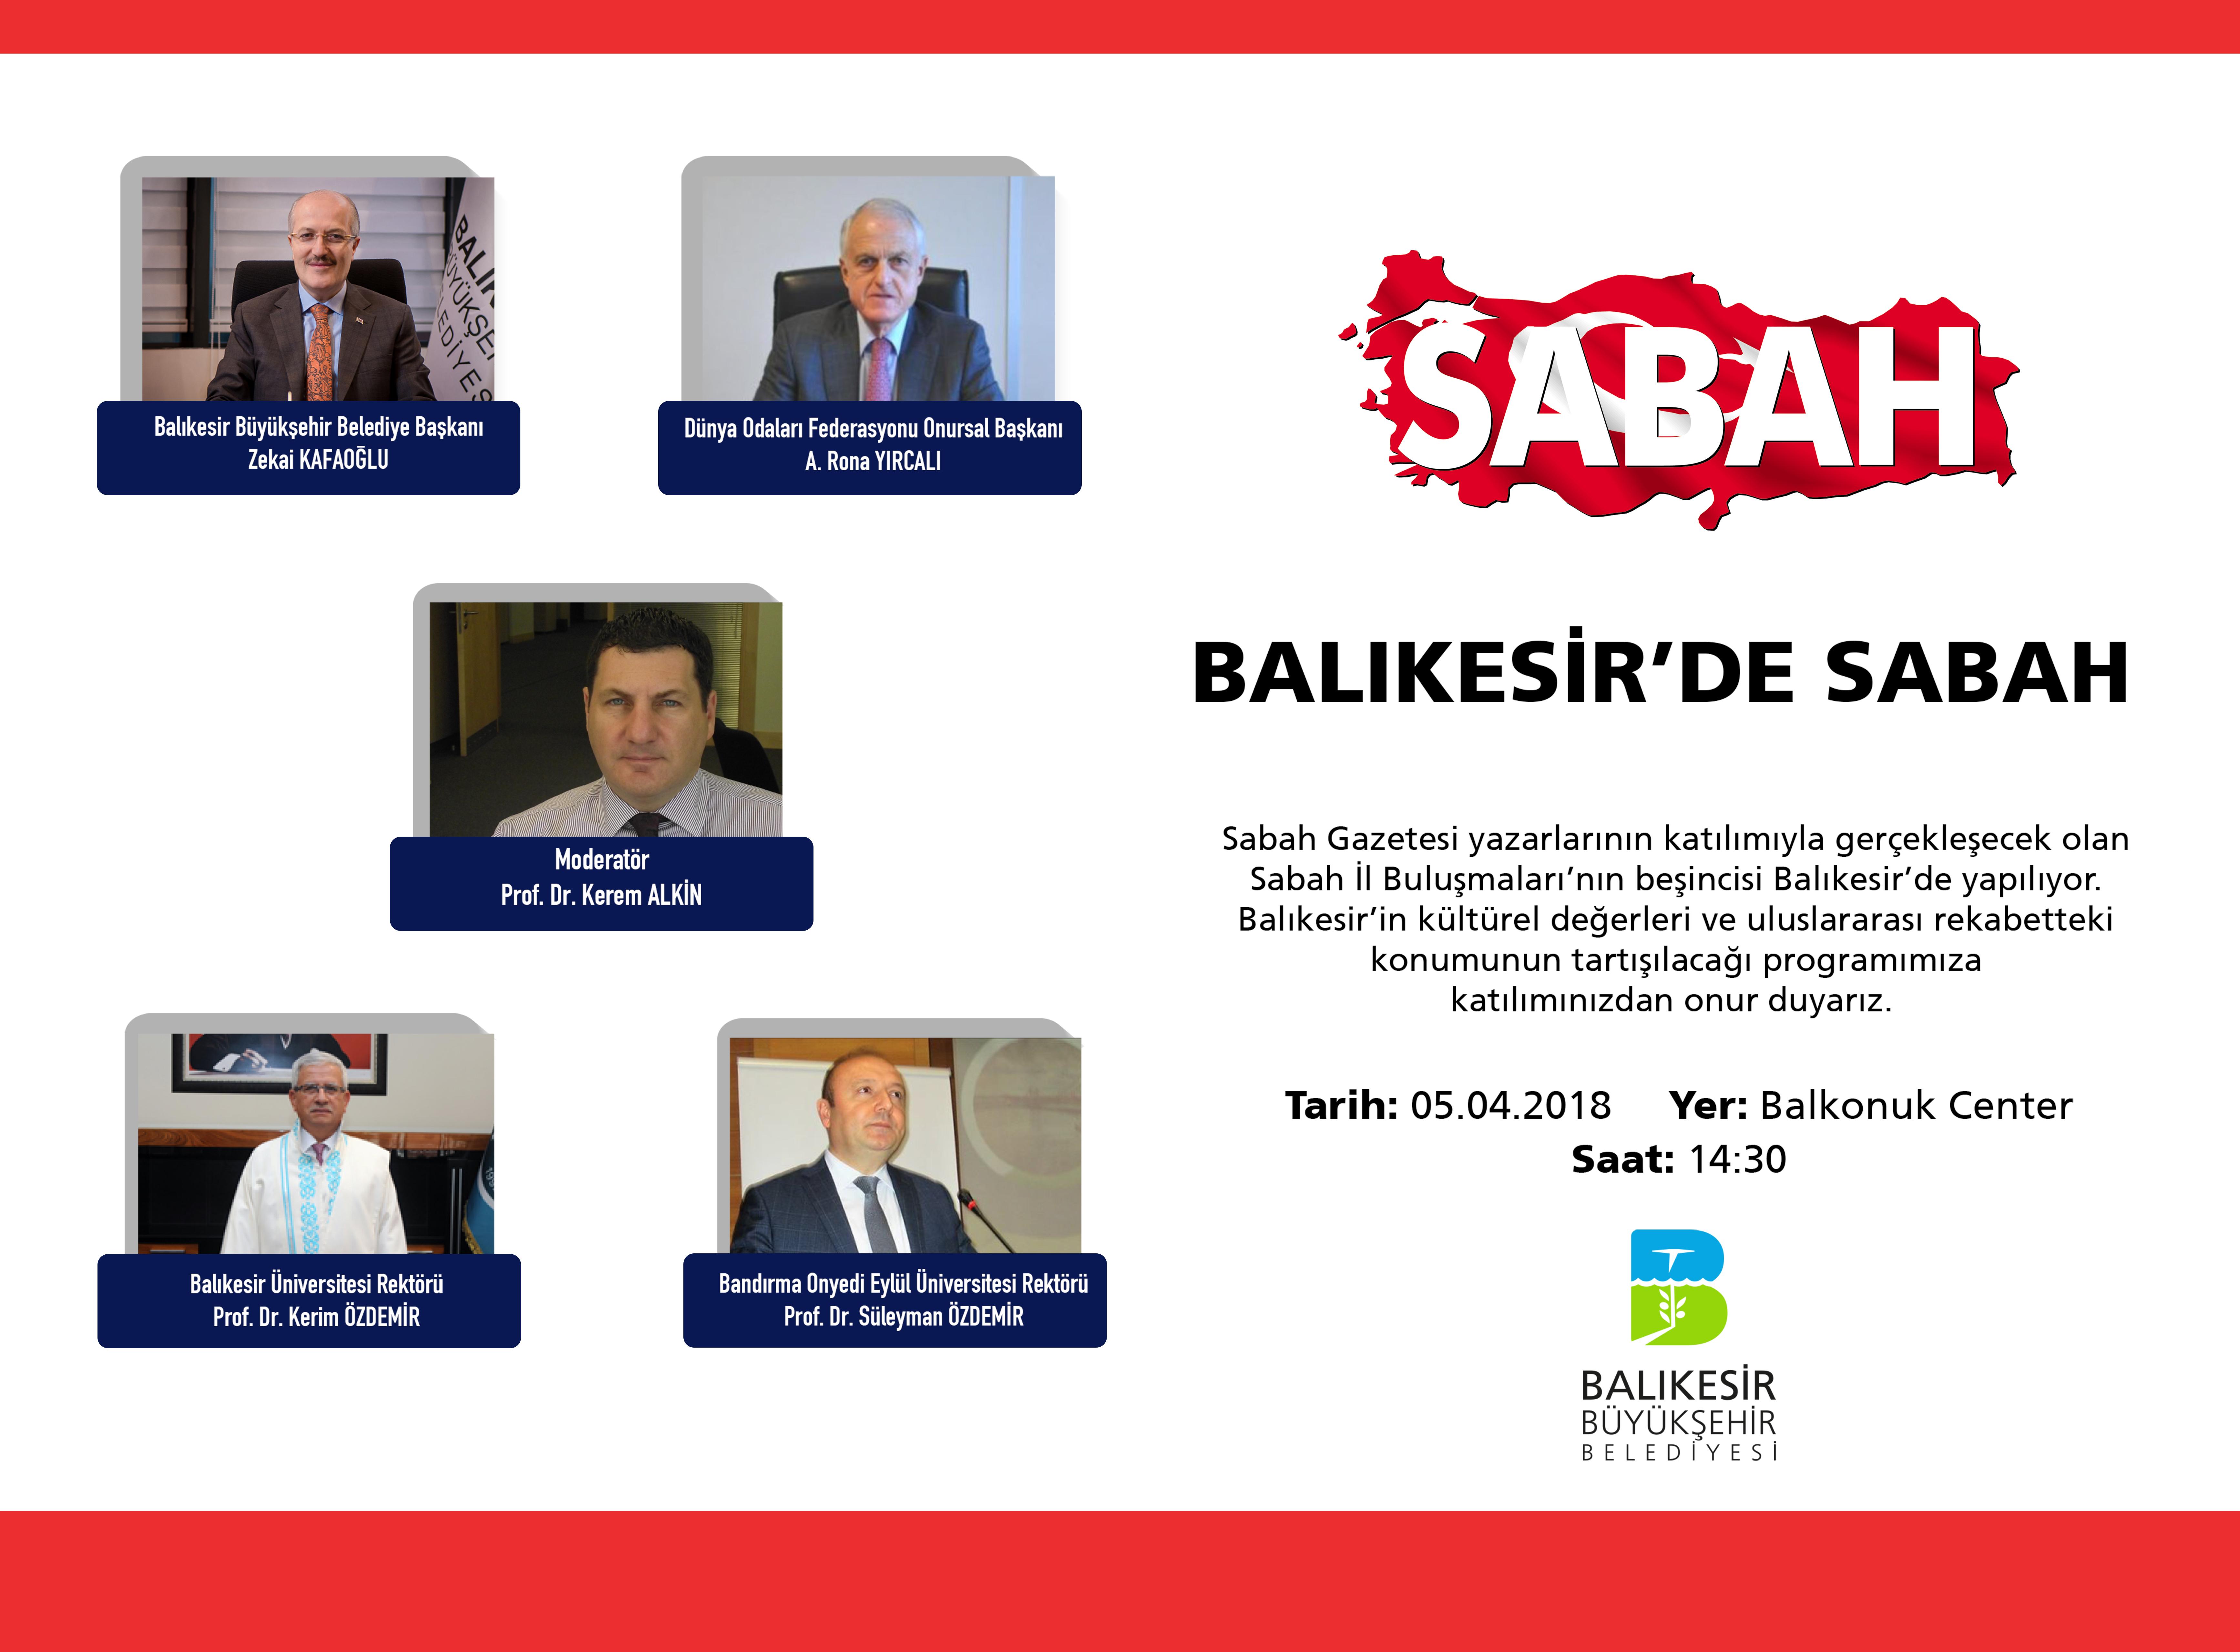 BALIKESİR'DE SABAH